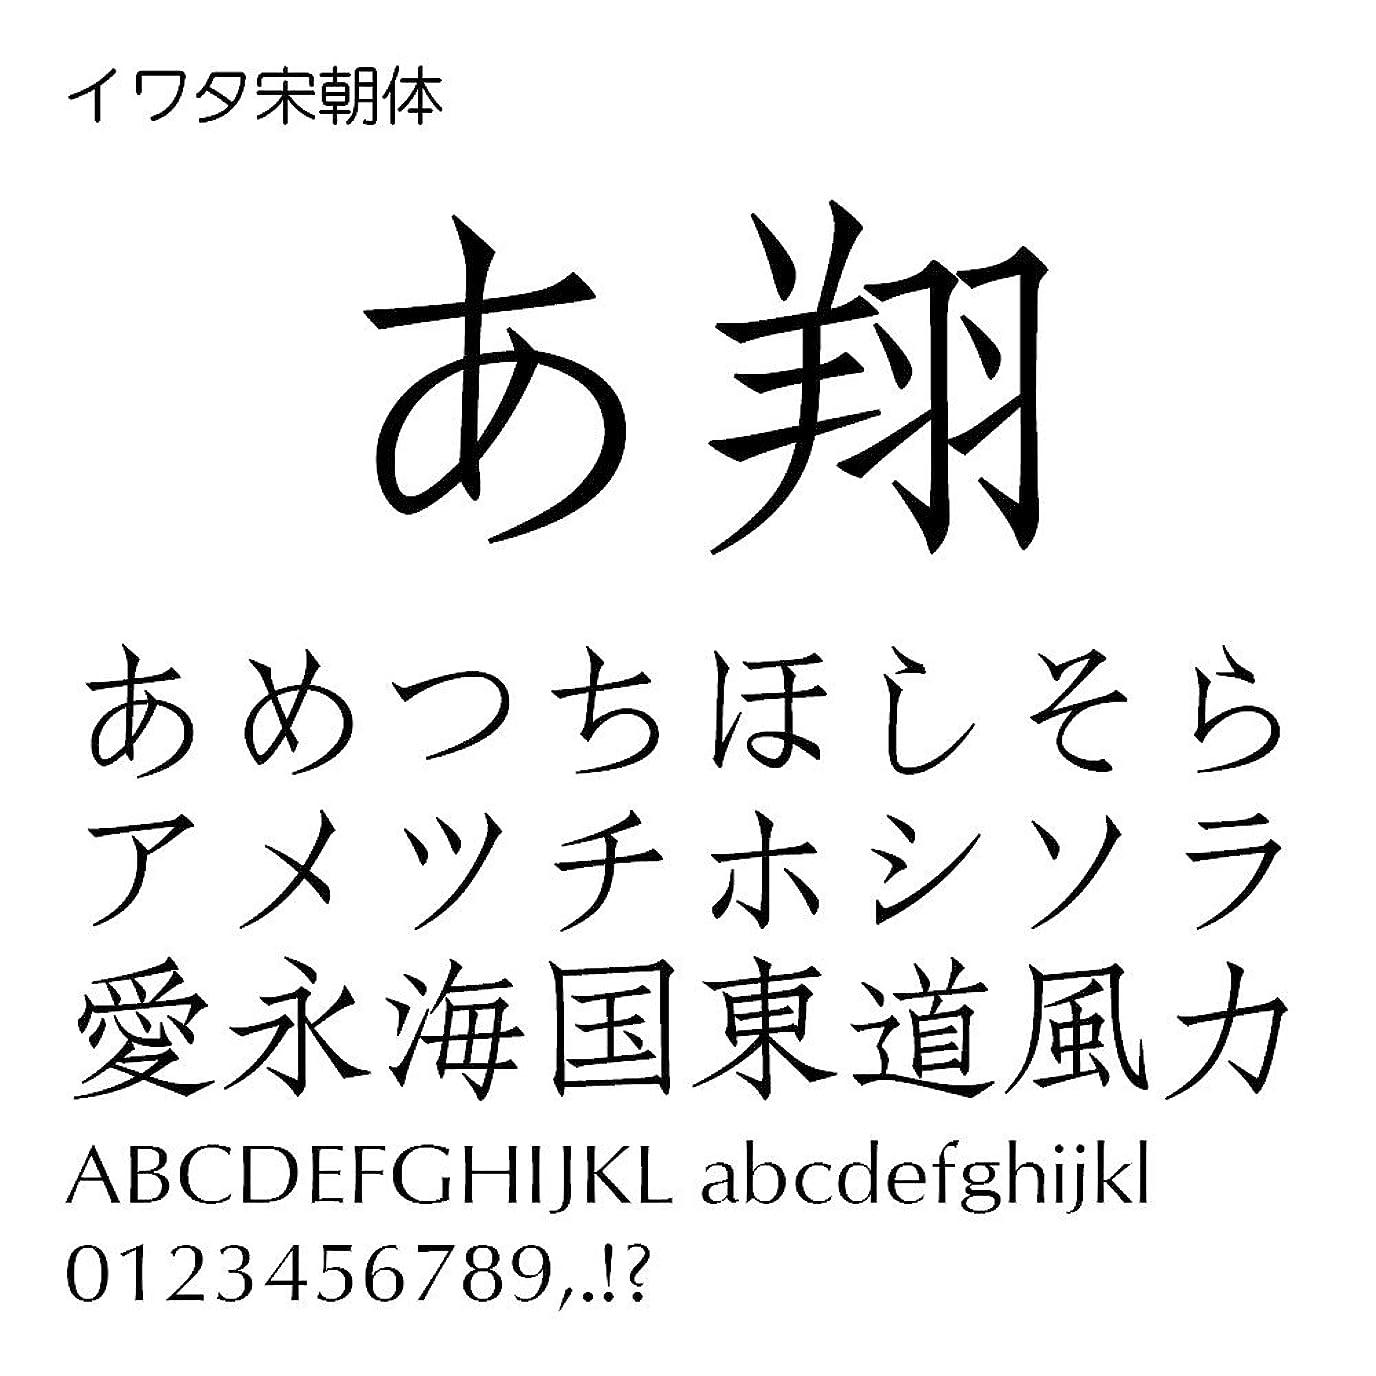 きれいに根拠ユニークなイワタ宋朝体 TrueType Font for Windows [ダウンロード]